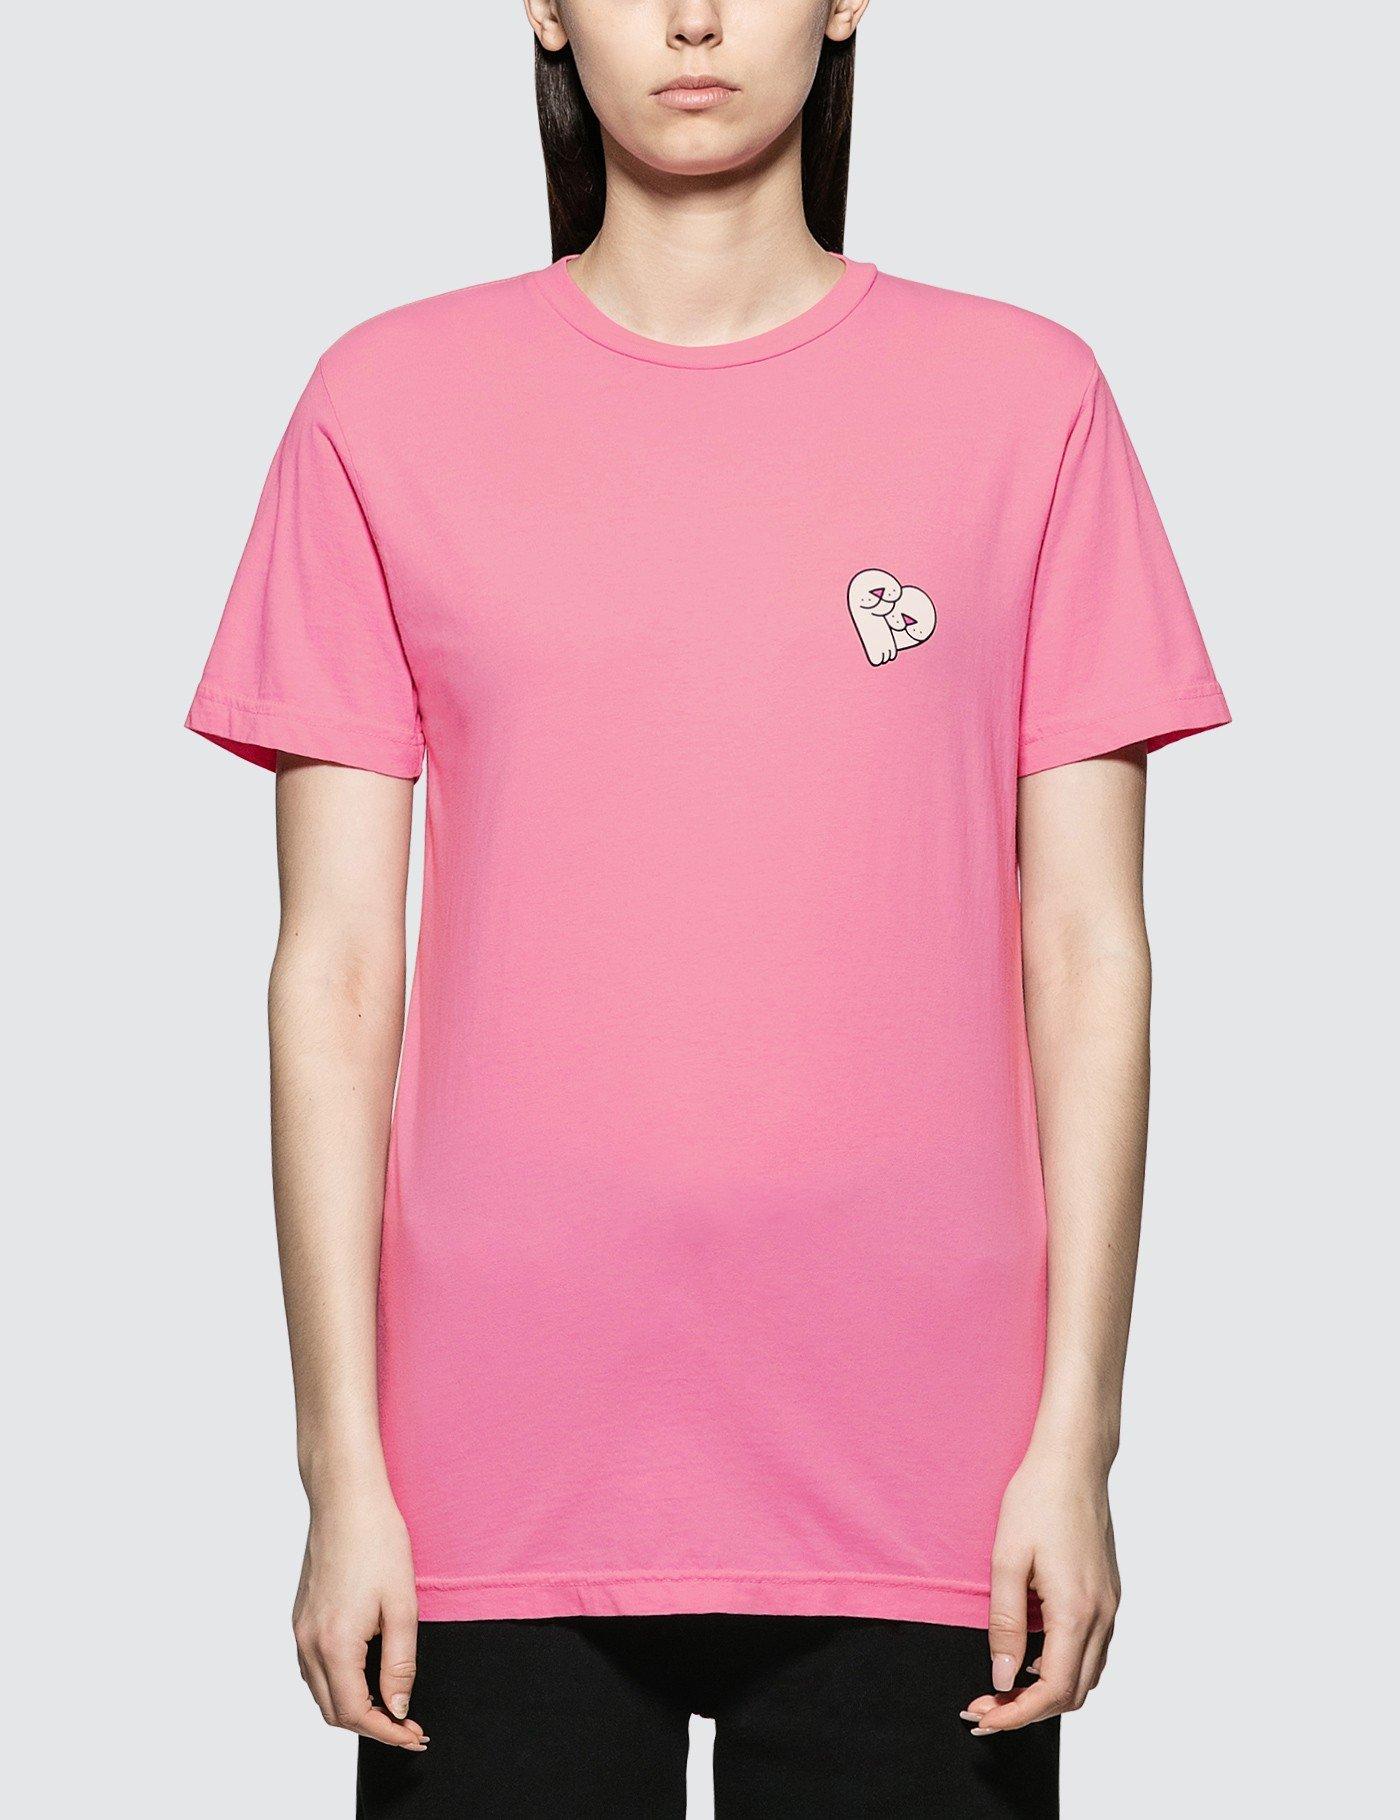 Love Nerm Short Sleeve T-shirt